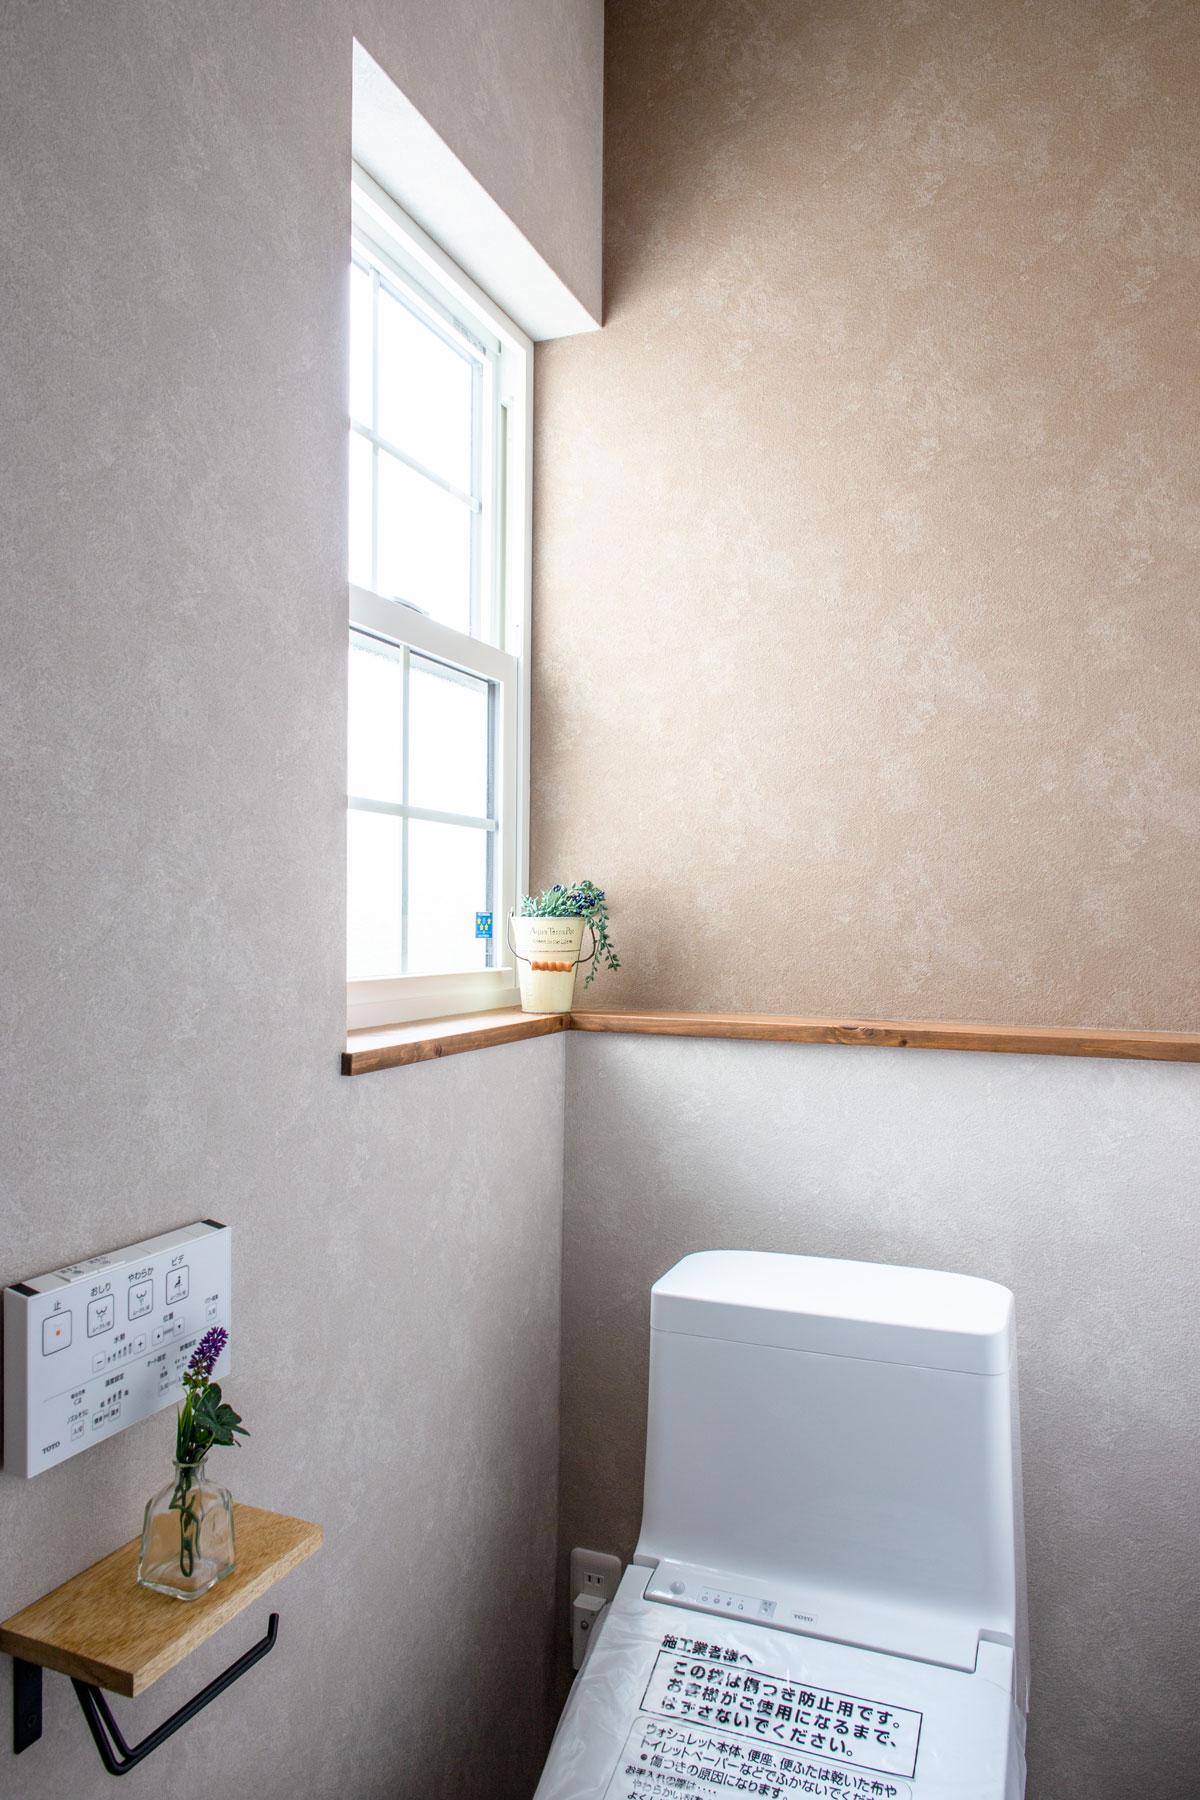 ブラウンのアクセントクロスを使ったトイレ